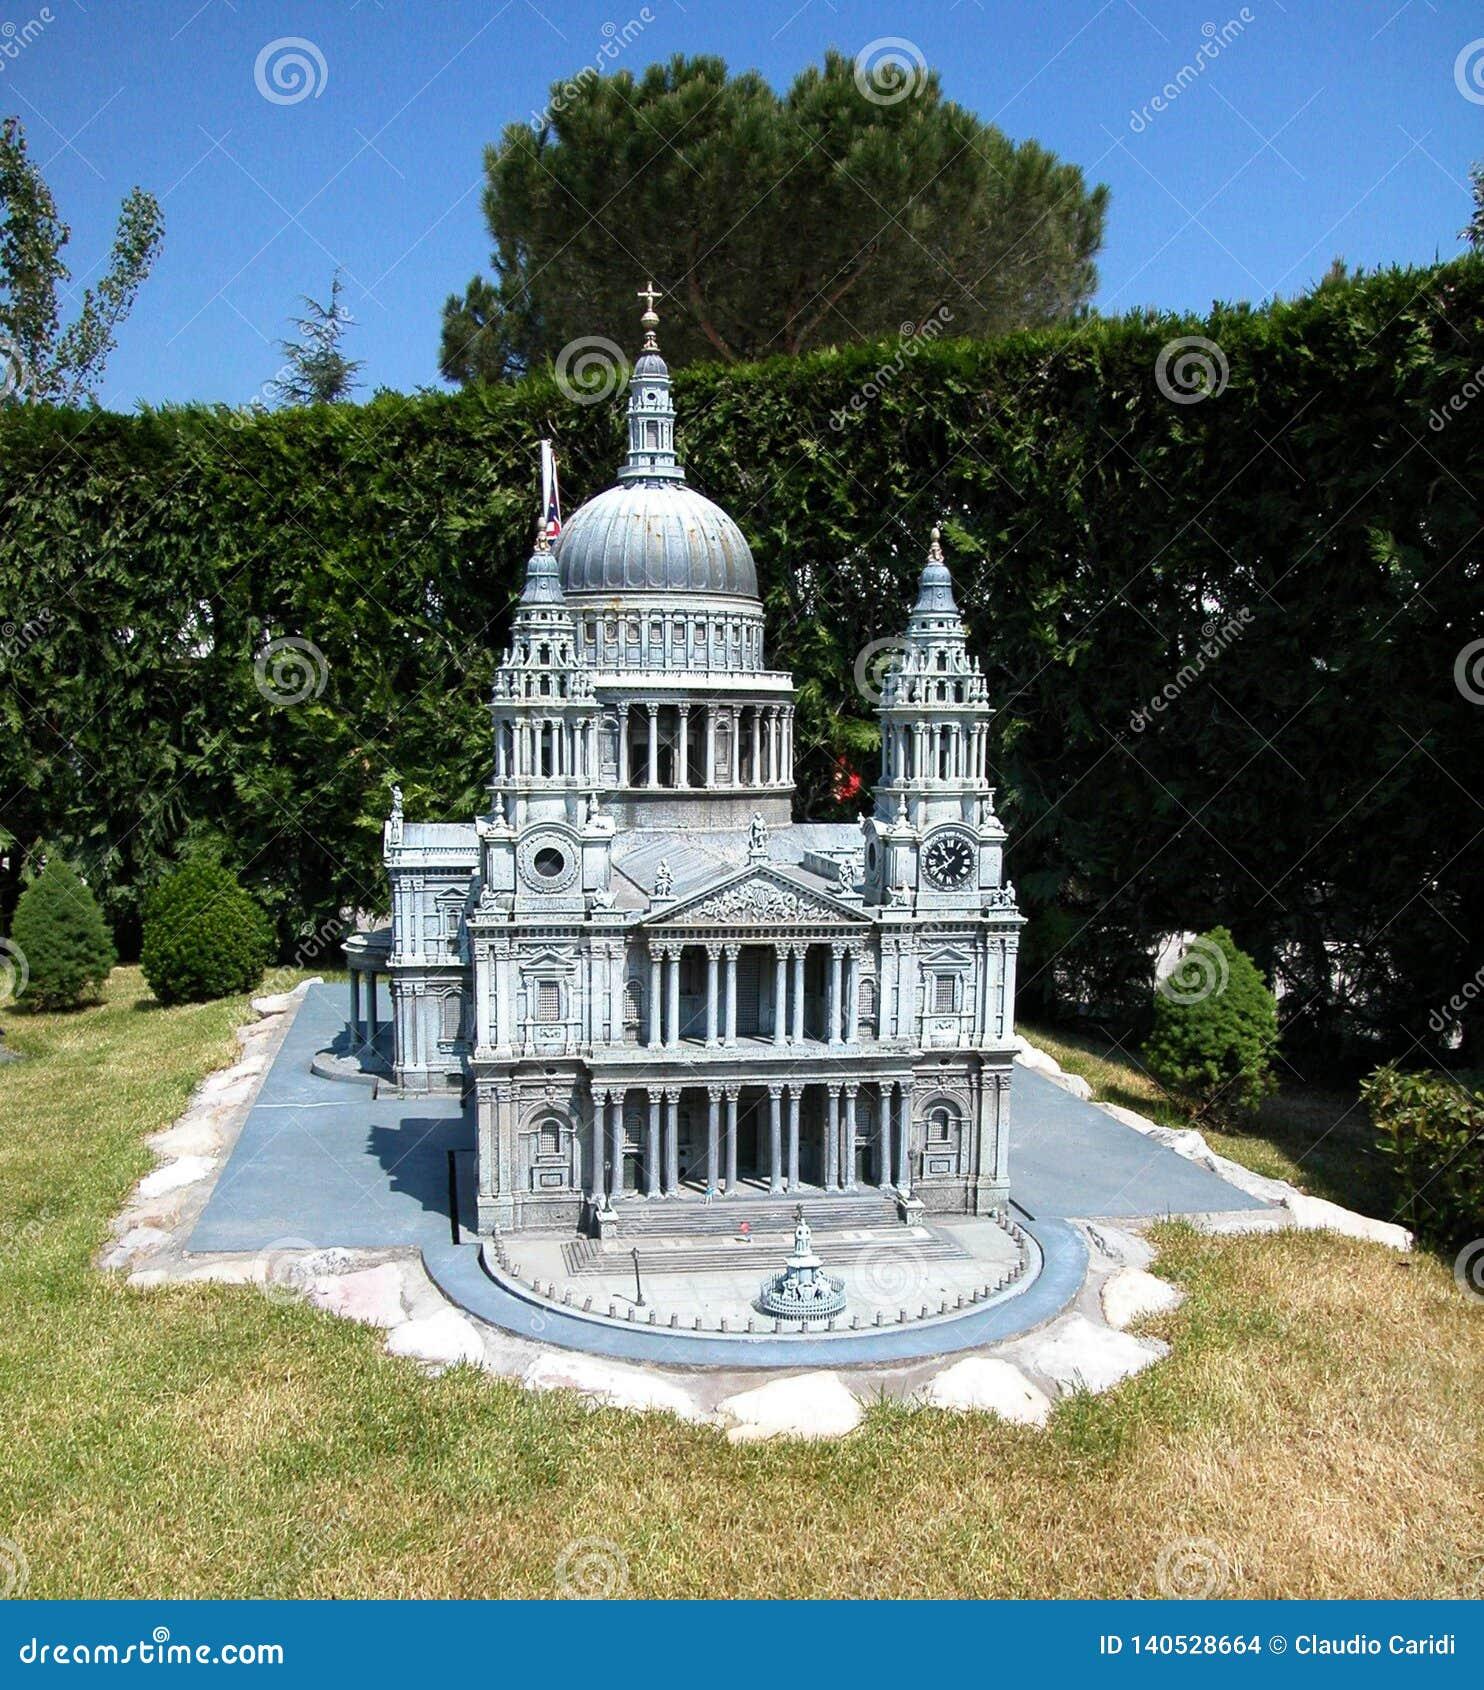 """Καθεδρικός ναός του Saint-Paul στο θεματικό πάρκο """"Ιταλία στη μικροσκοπική """"Ιταλία στο miniatura Viserba, Rimini, Ιταλία"""